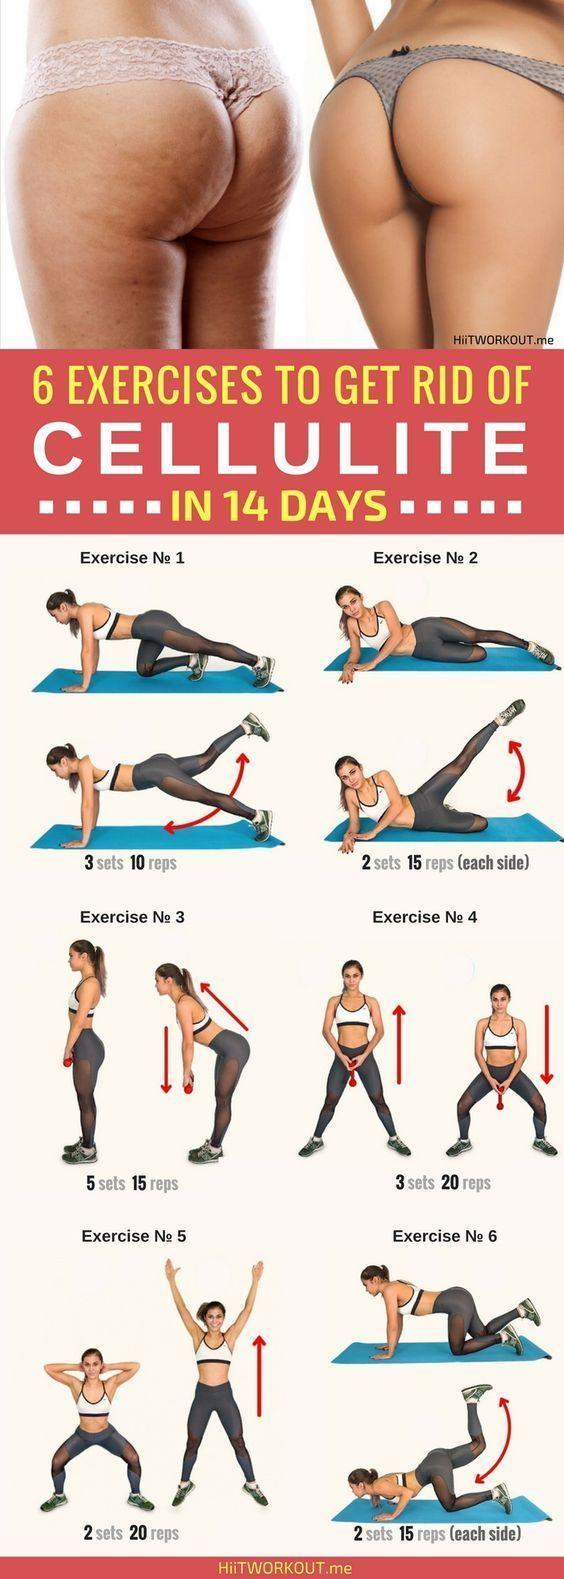 Comment Perdre Sa Cellulite En Seulement 14 Jours Avec 6 Exercices